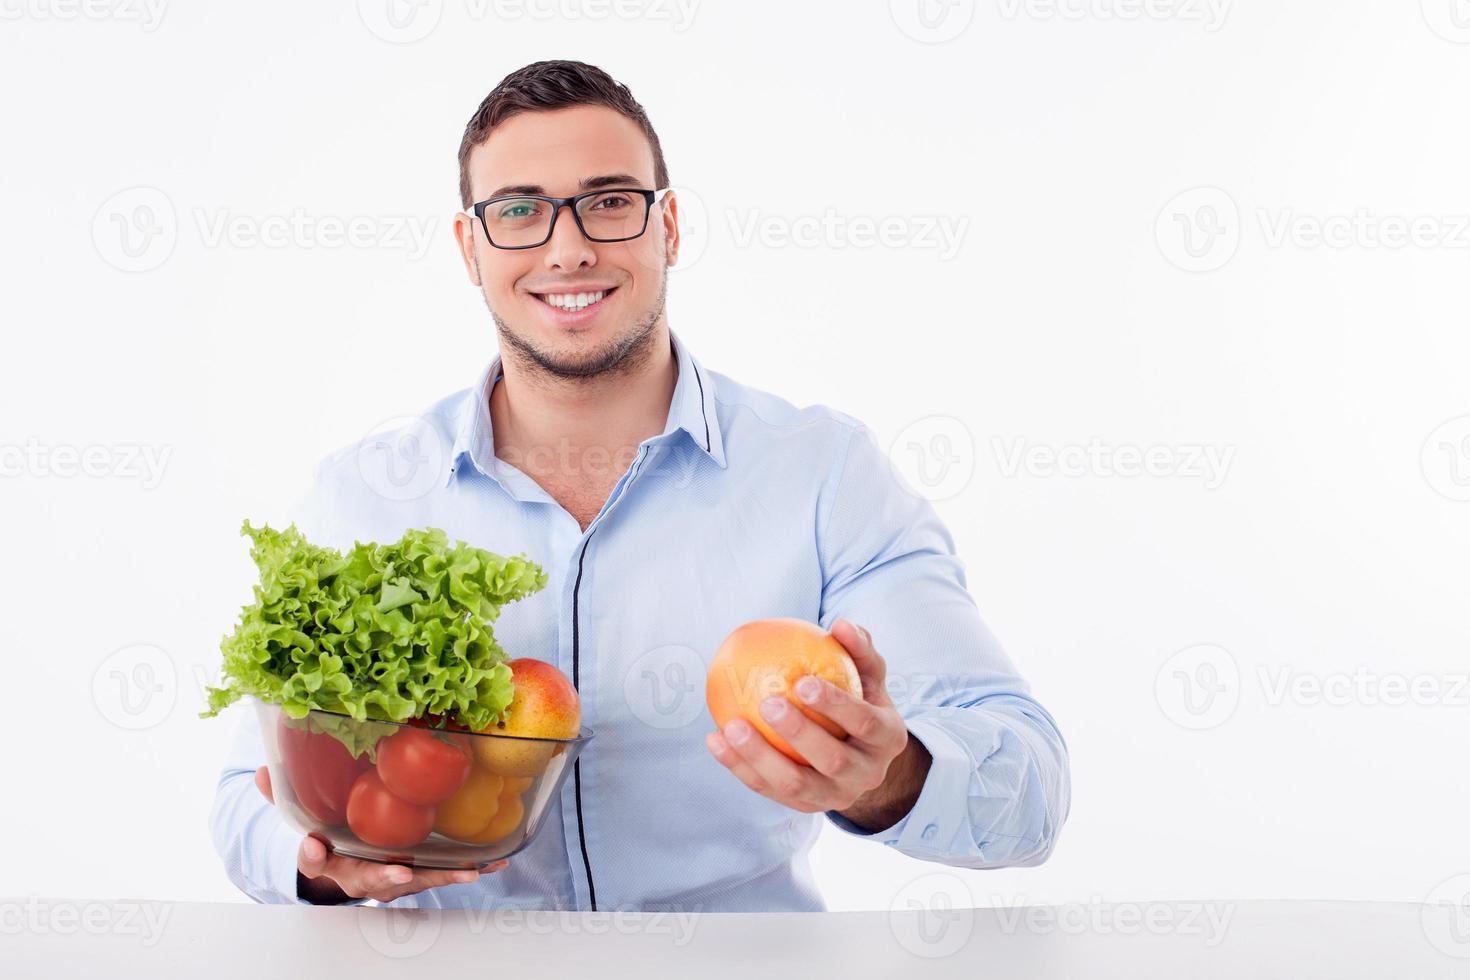 chico joven atractivo está comiendo alimentos saludables foto